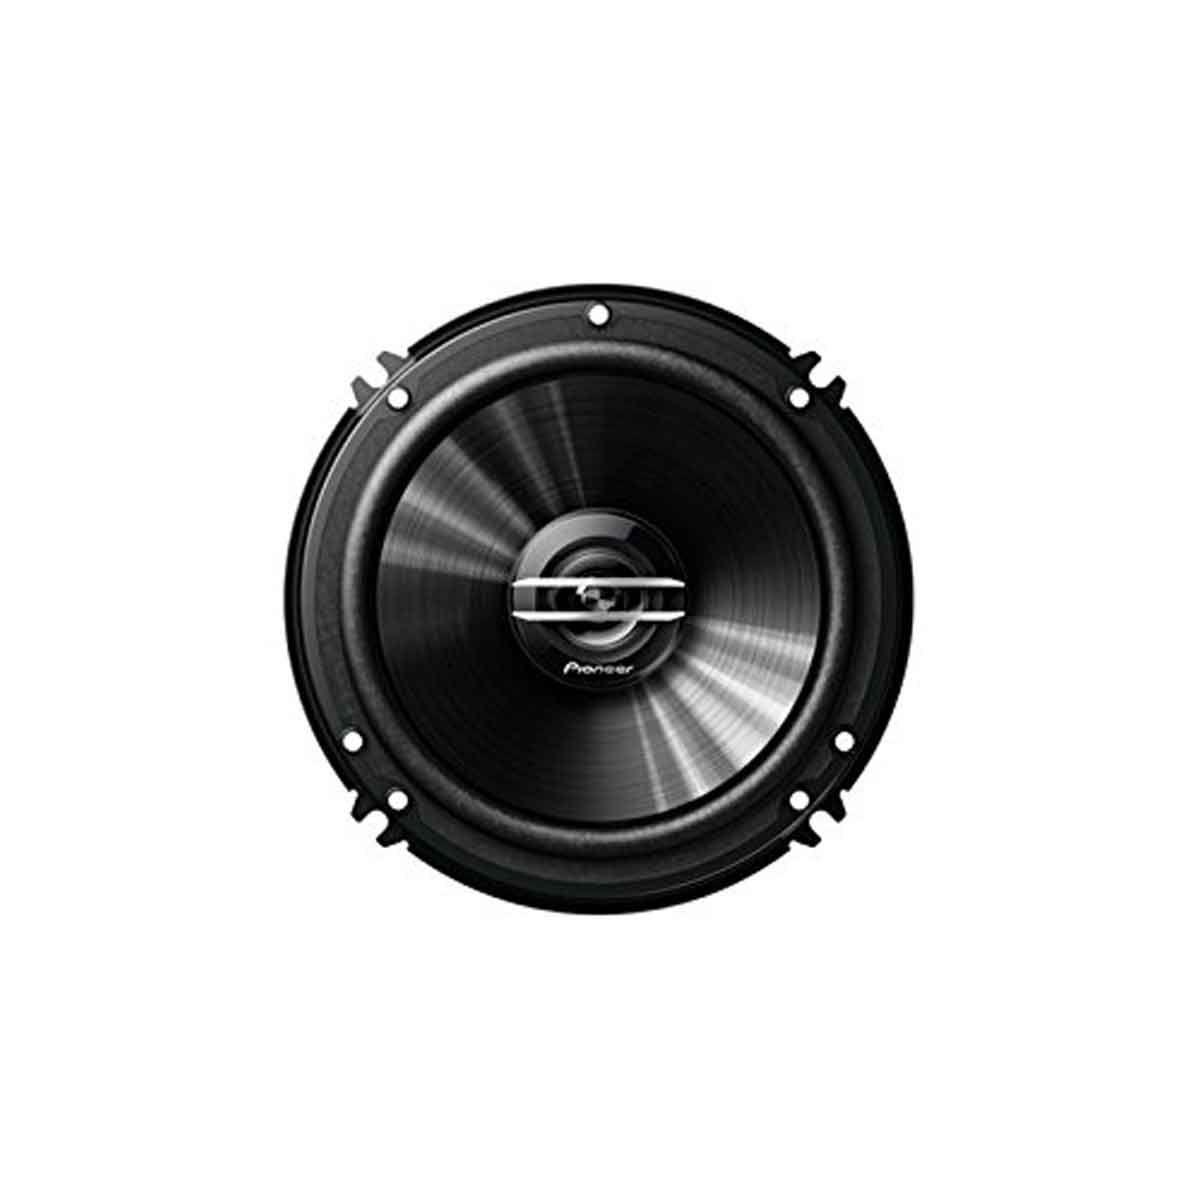 Pioneer Car Speakers (TS-R1620S)